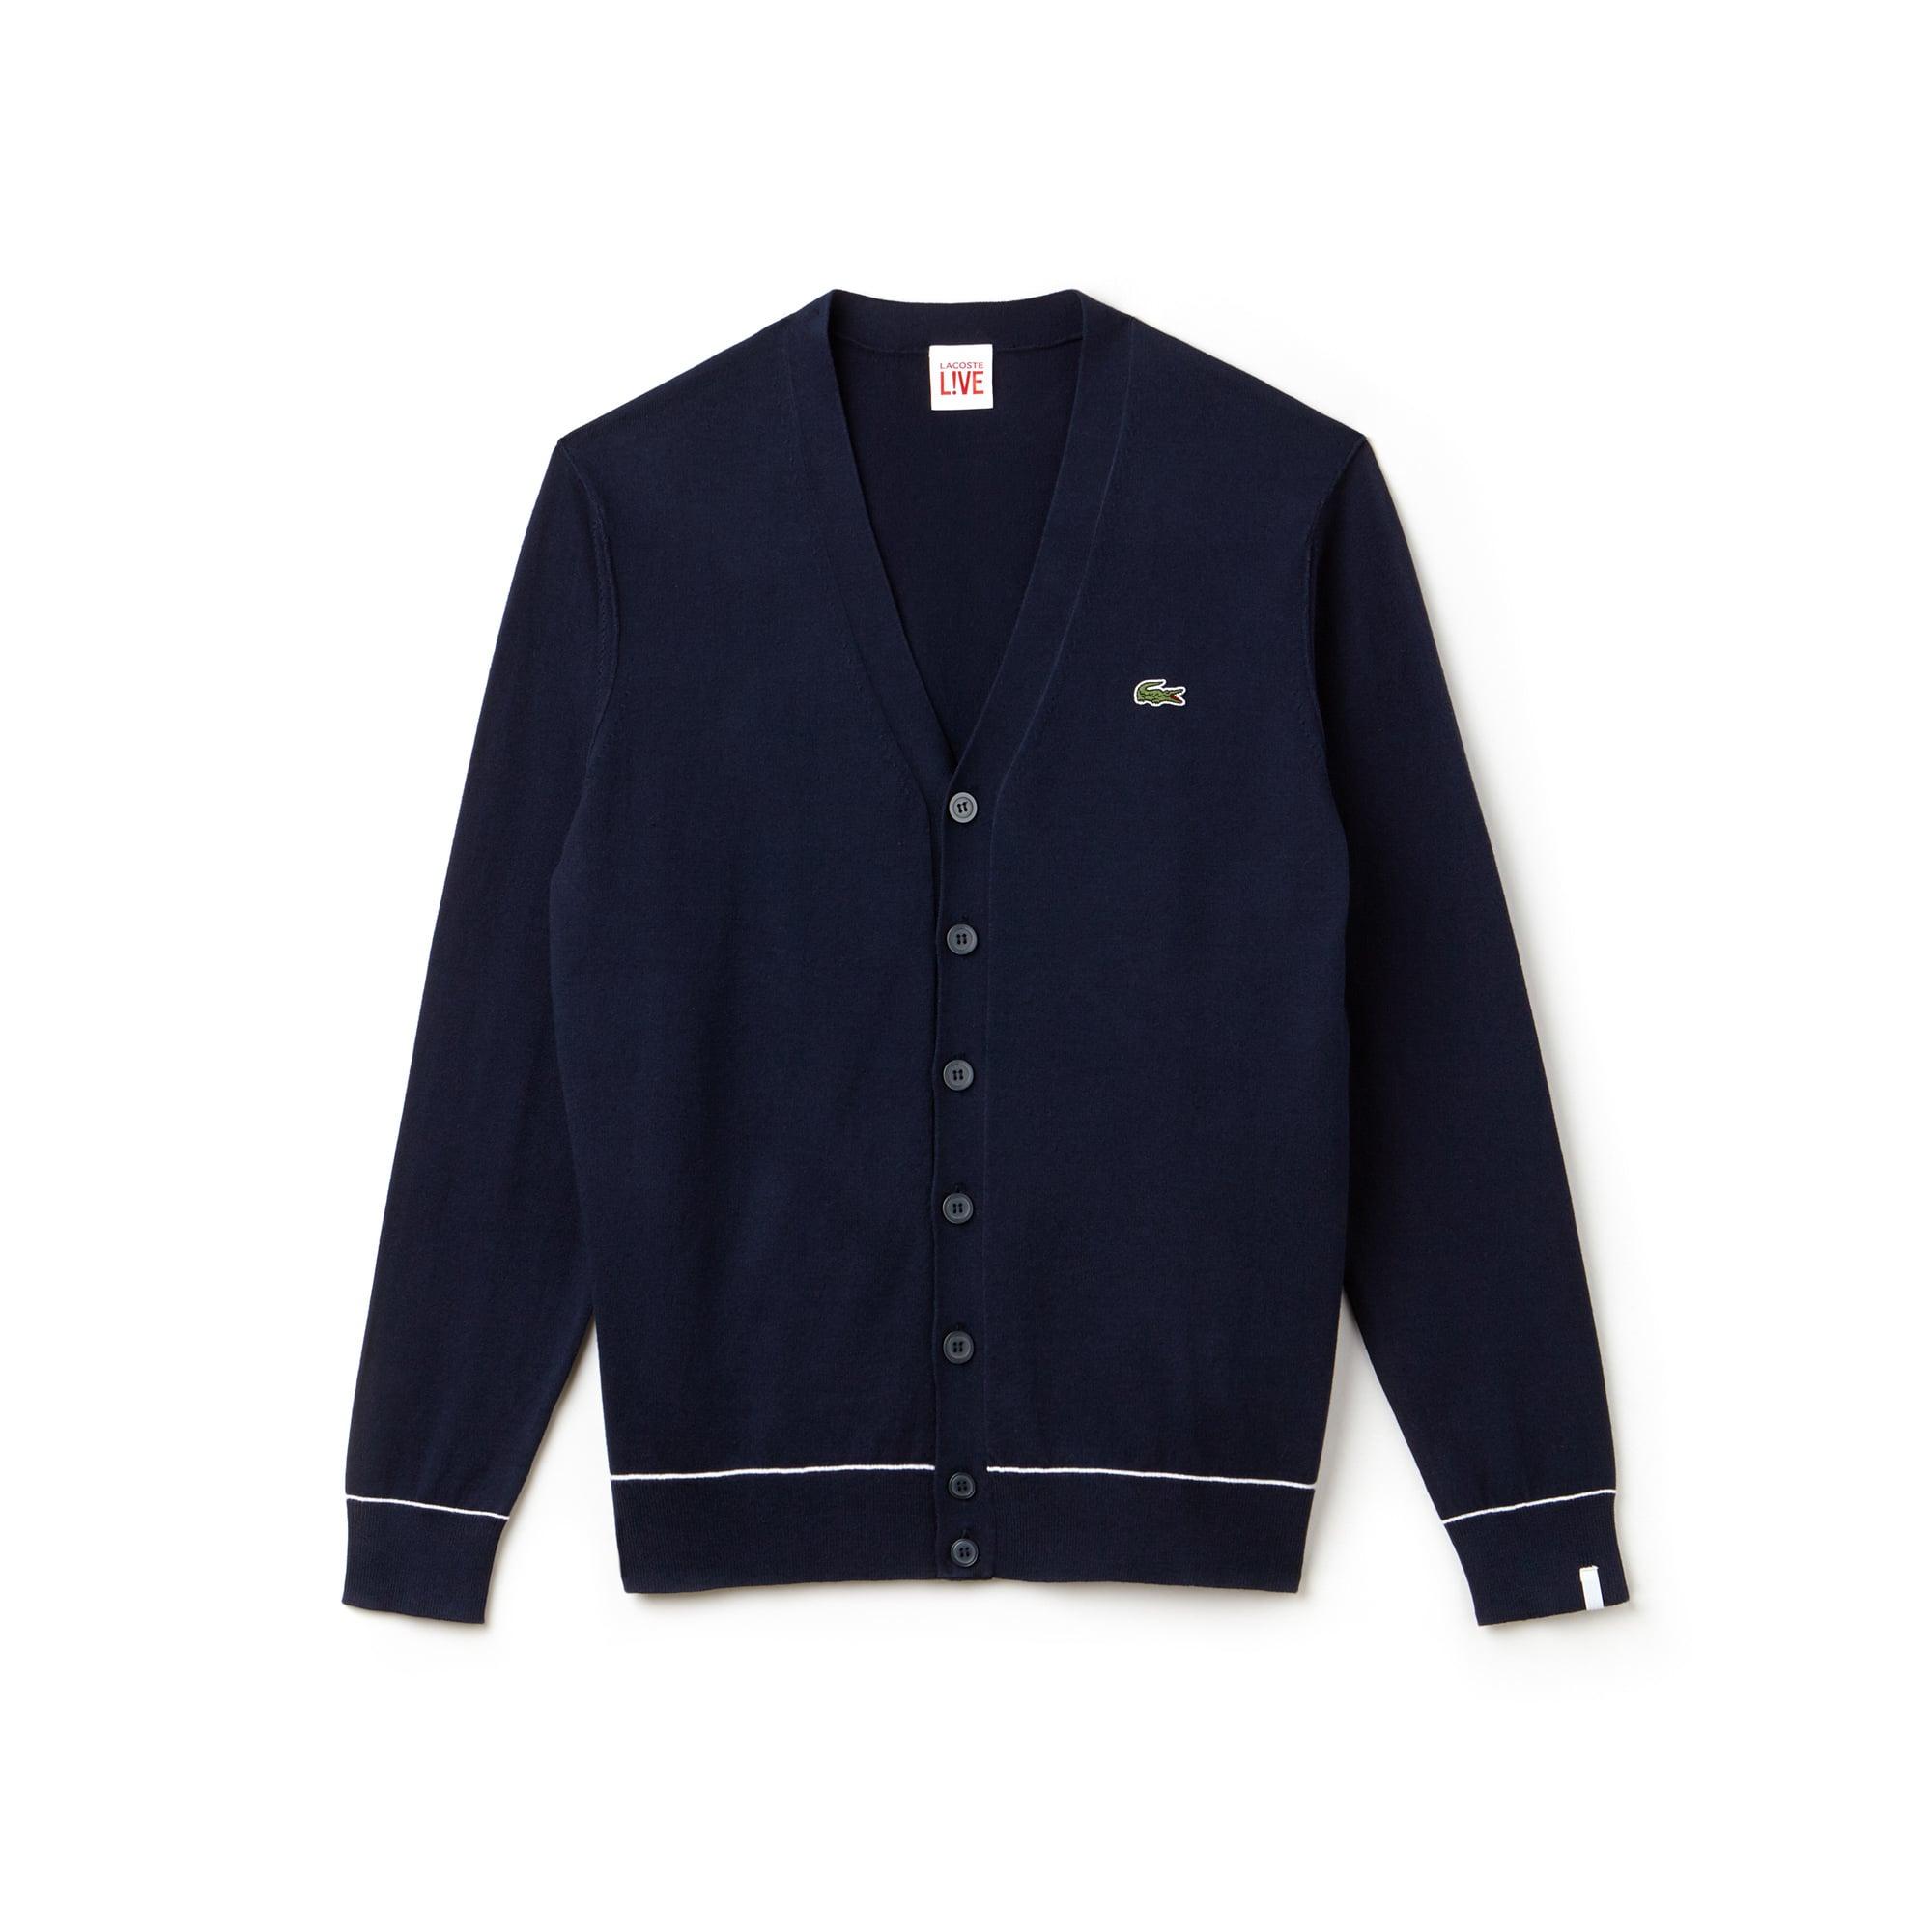 Cardigan Lacoste LIVE en jersey de coton et soie uni